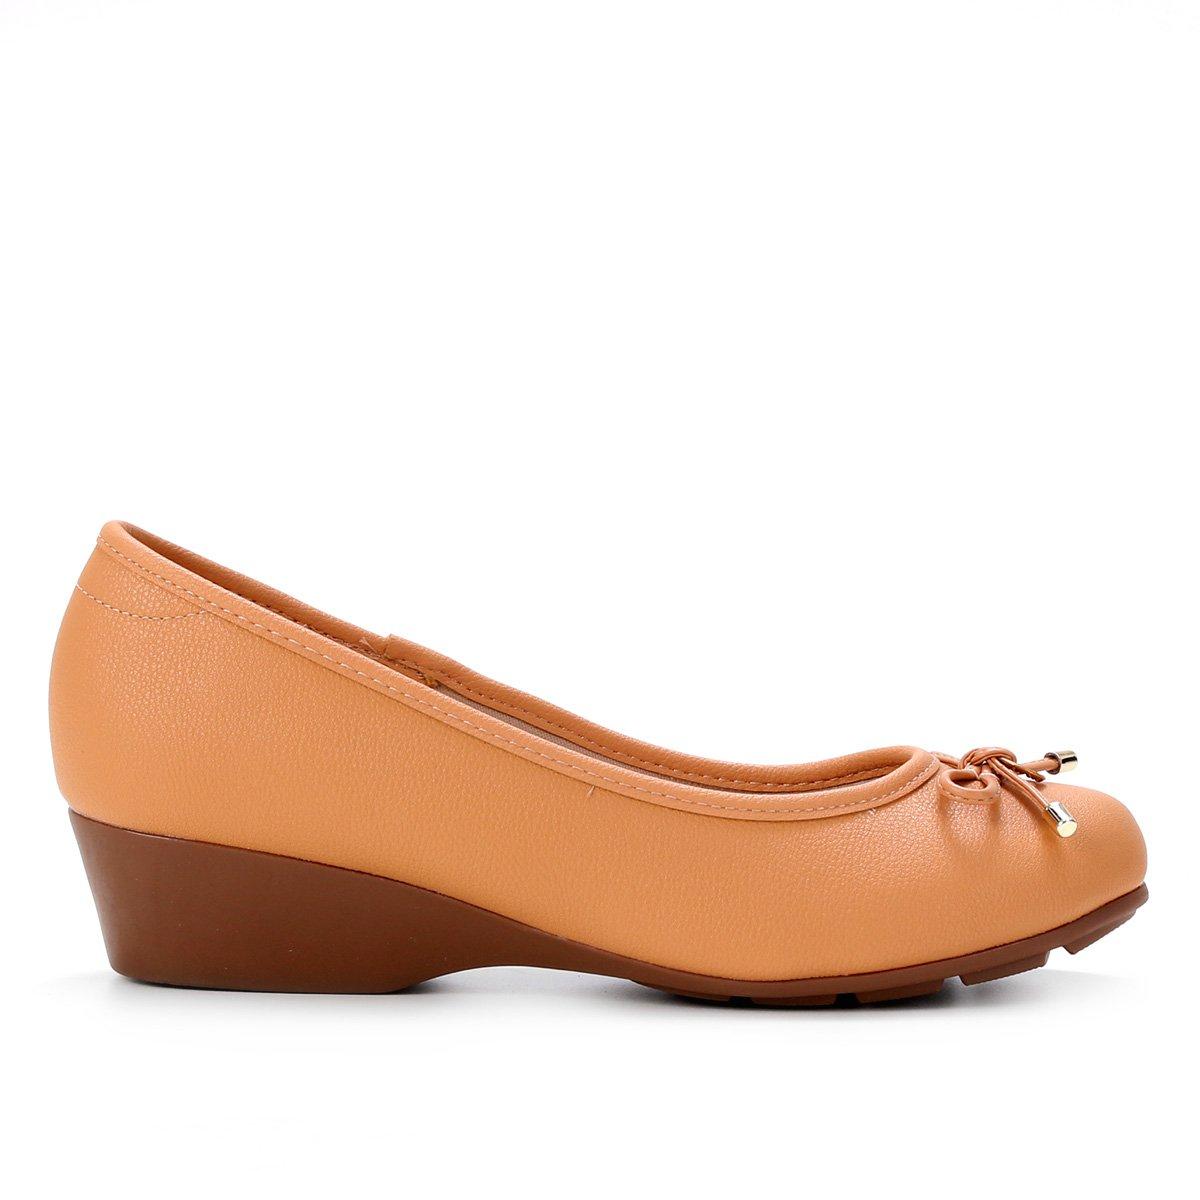 Sapato Modare Napa Floather Nature